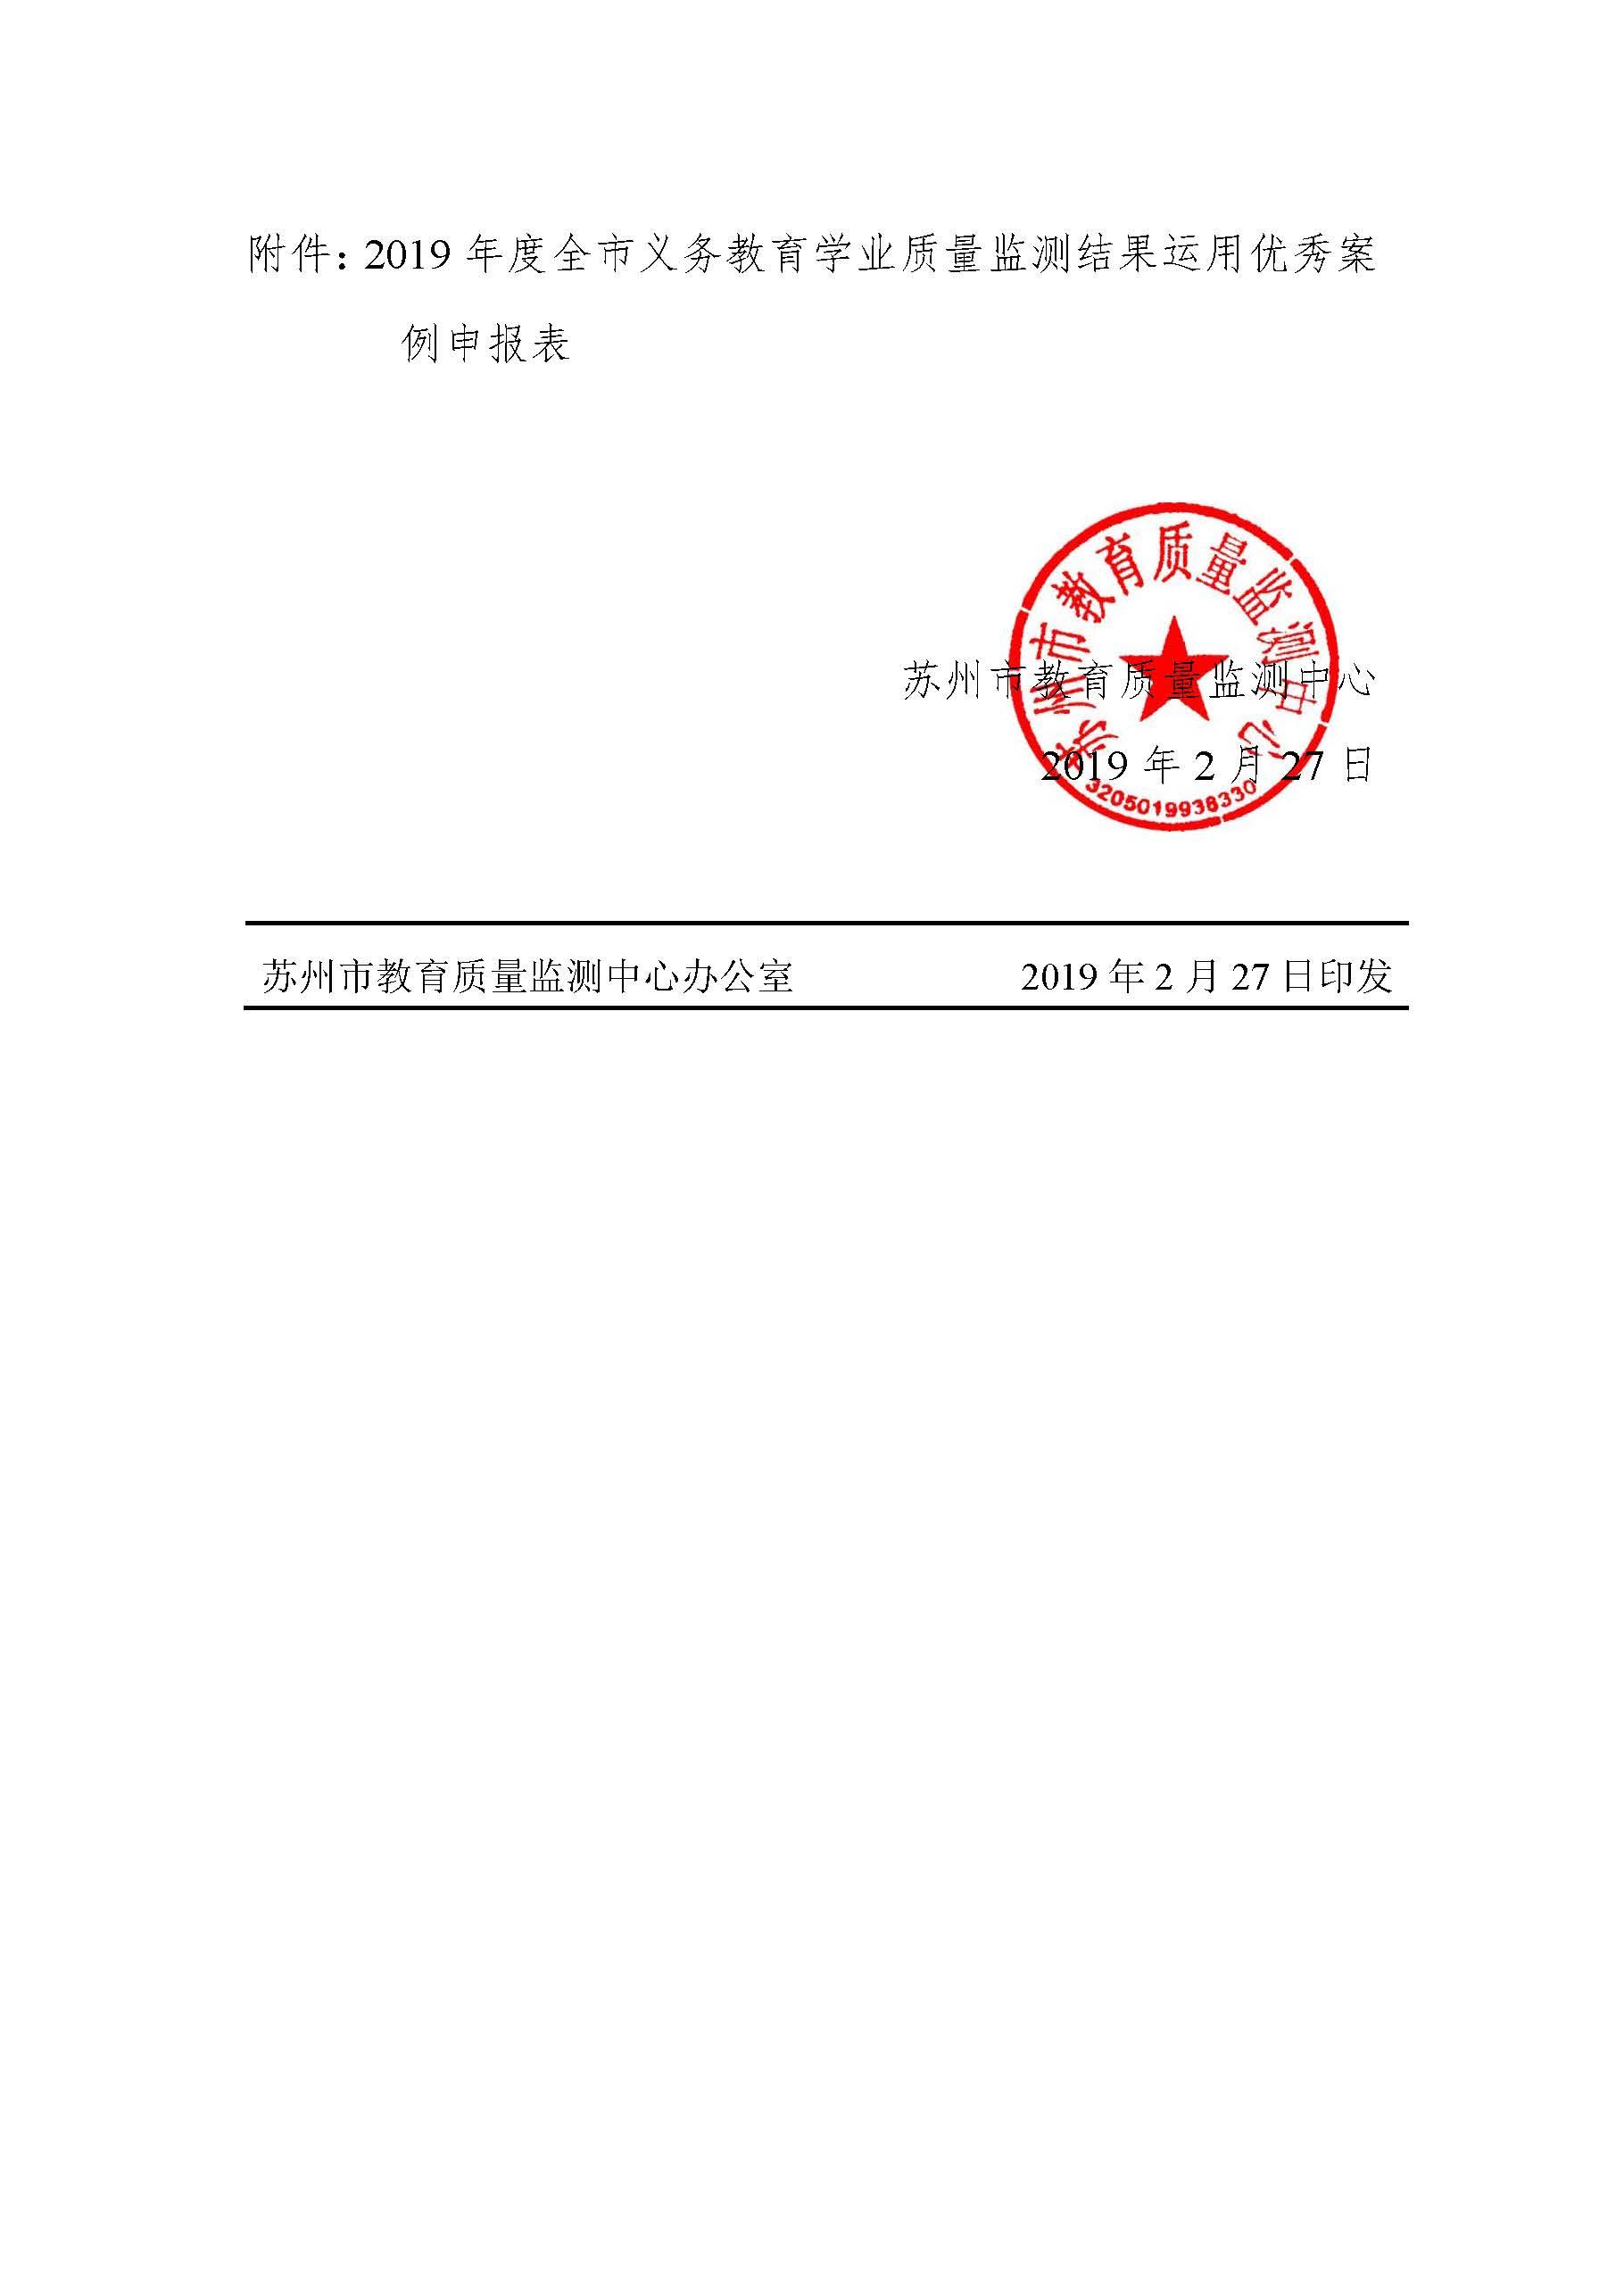 苏教质监-2019-3号-申报监测案例通知_页面_4